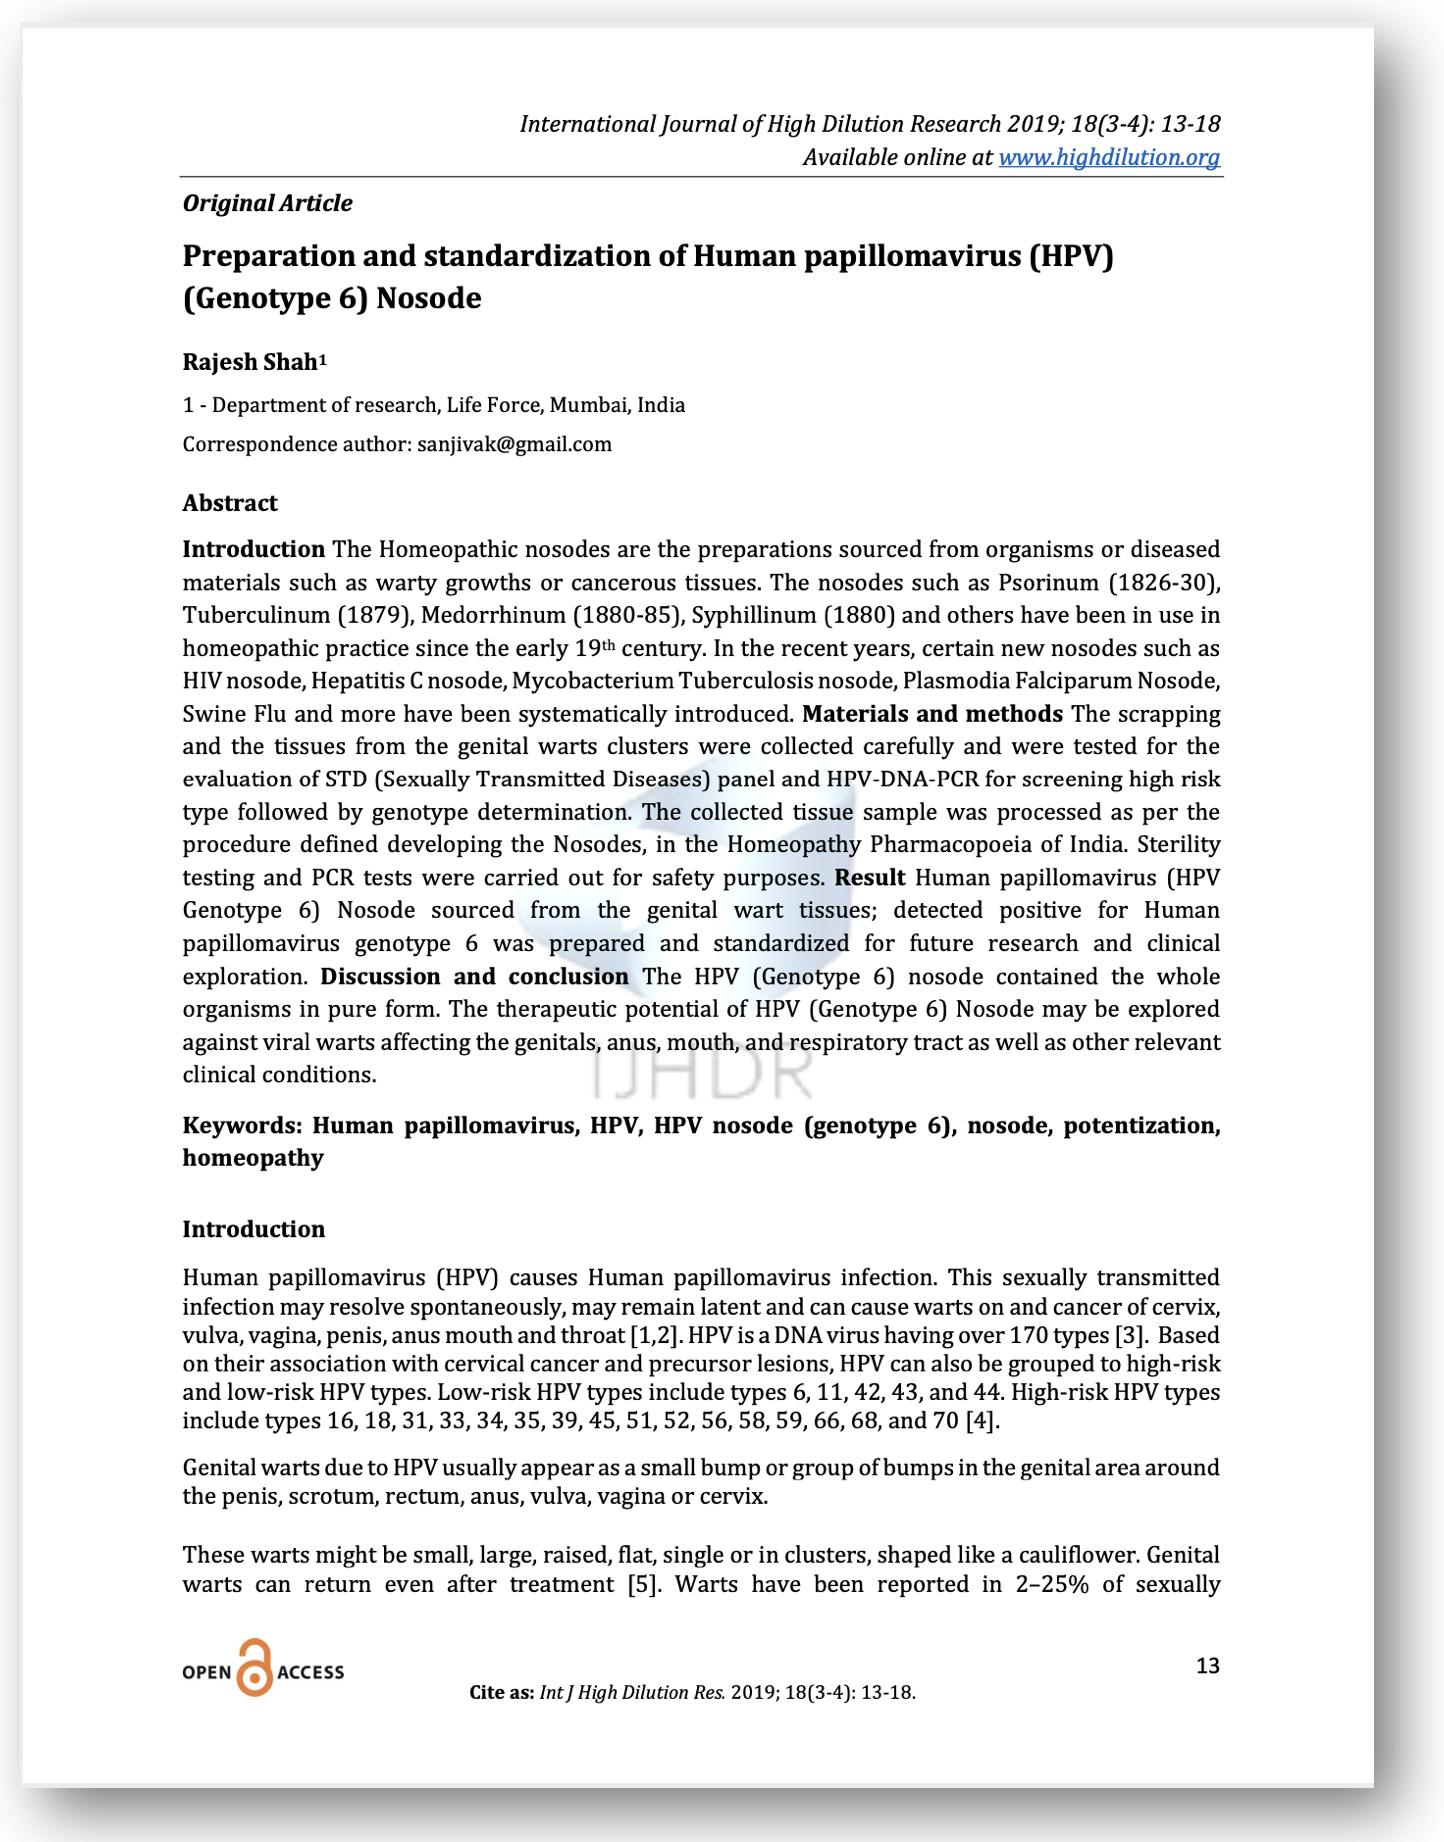 Humán papillomavírus nosode, A HPV (humán papillomavírus) fertőzés tünetei, kezelése